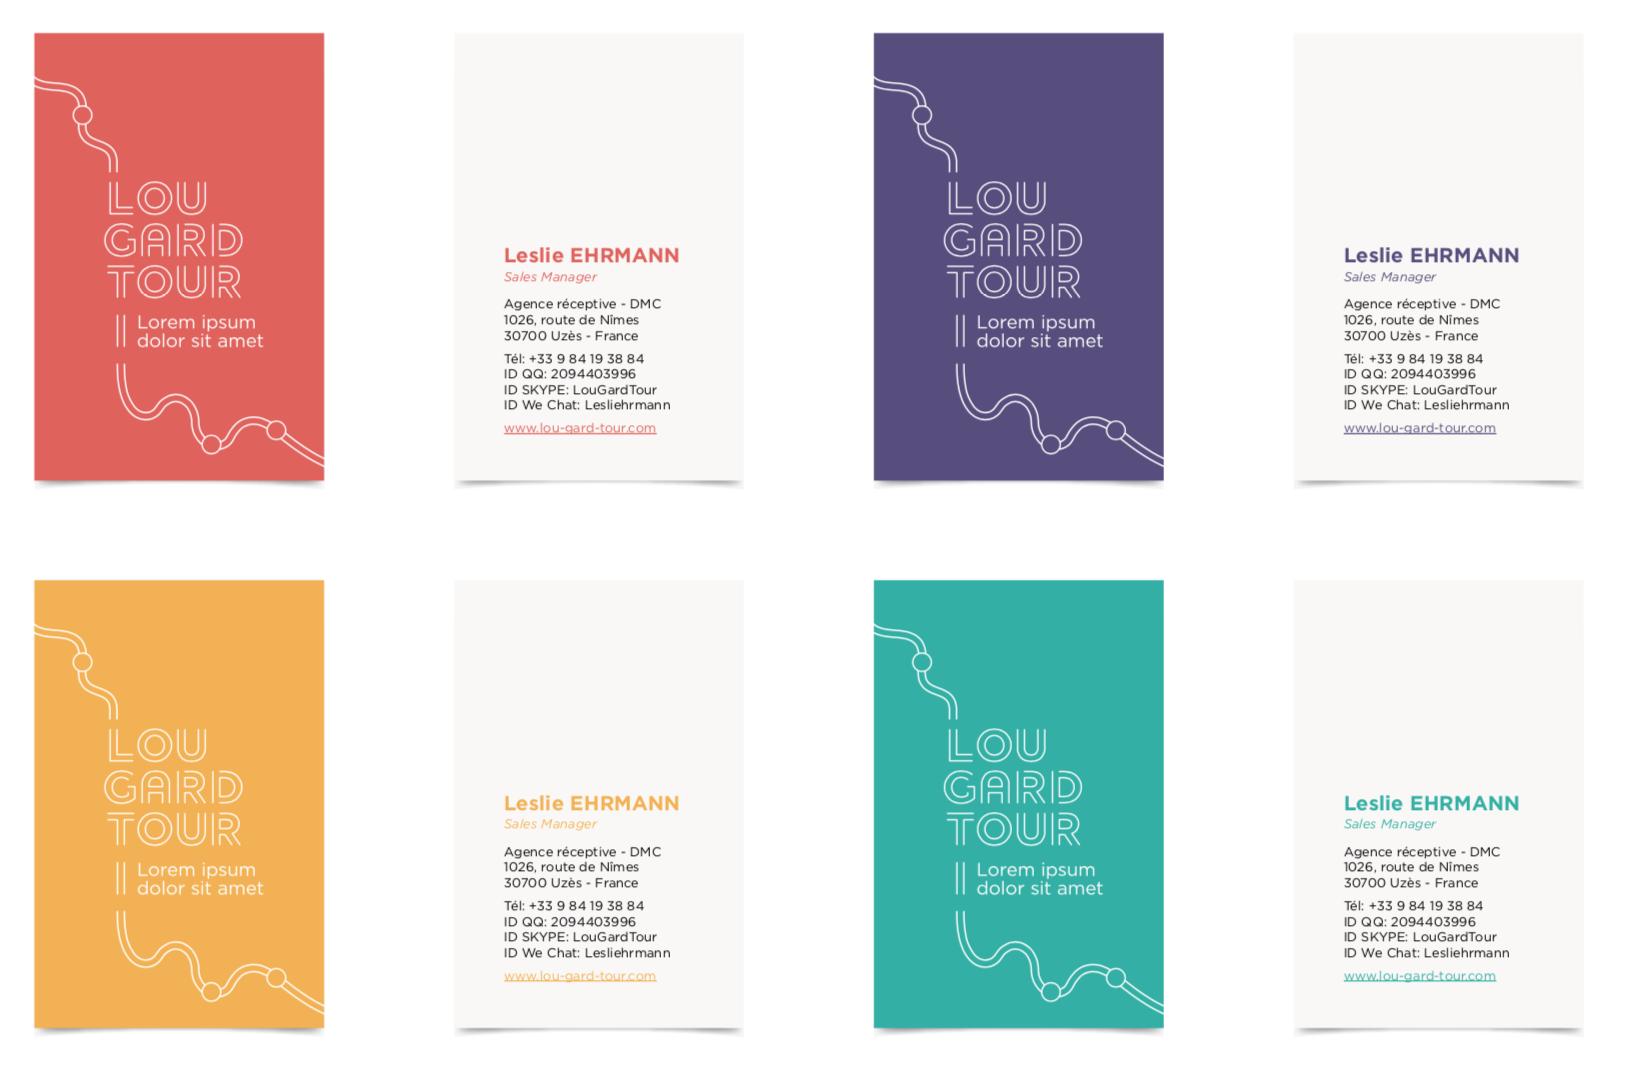 Cartes de visite Lou Gard Tour